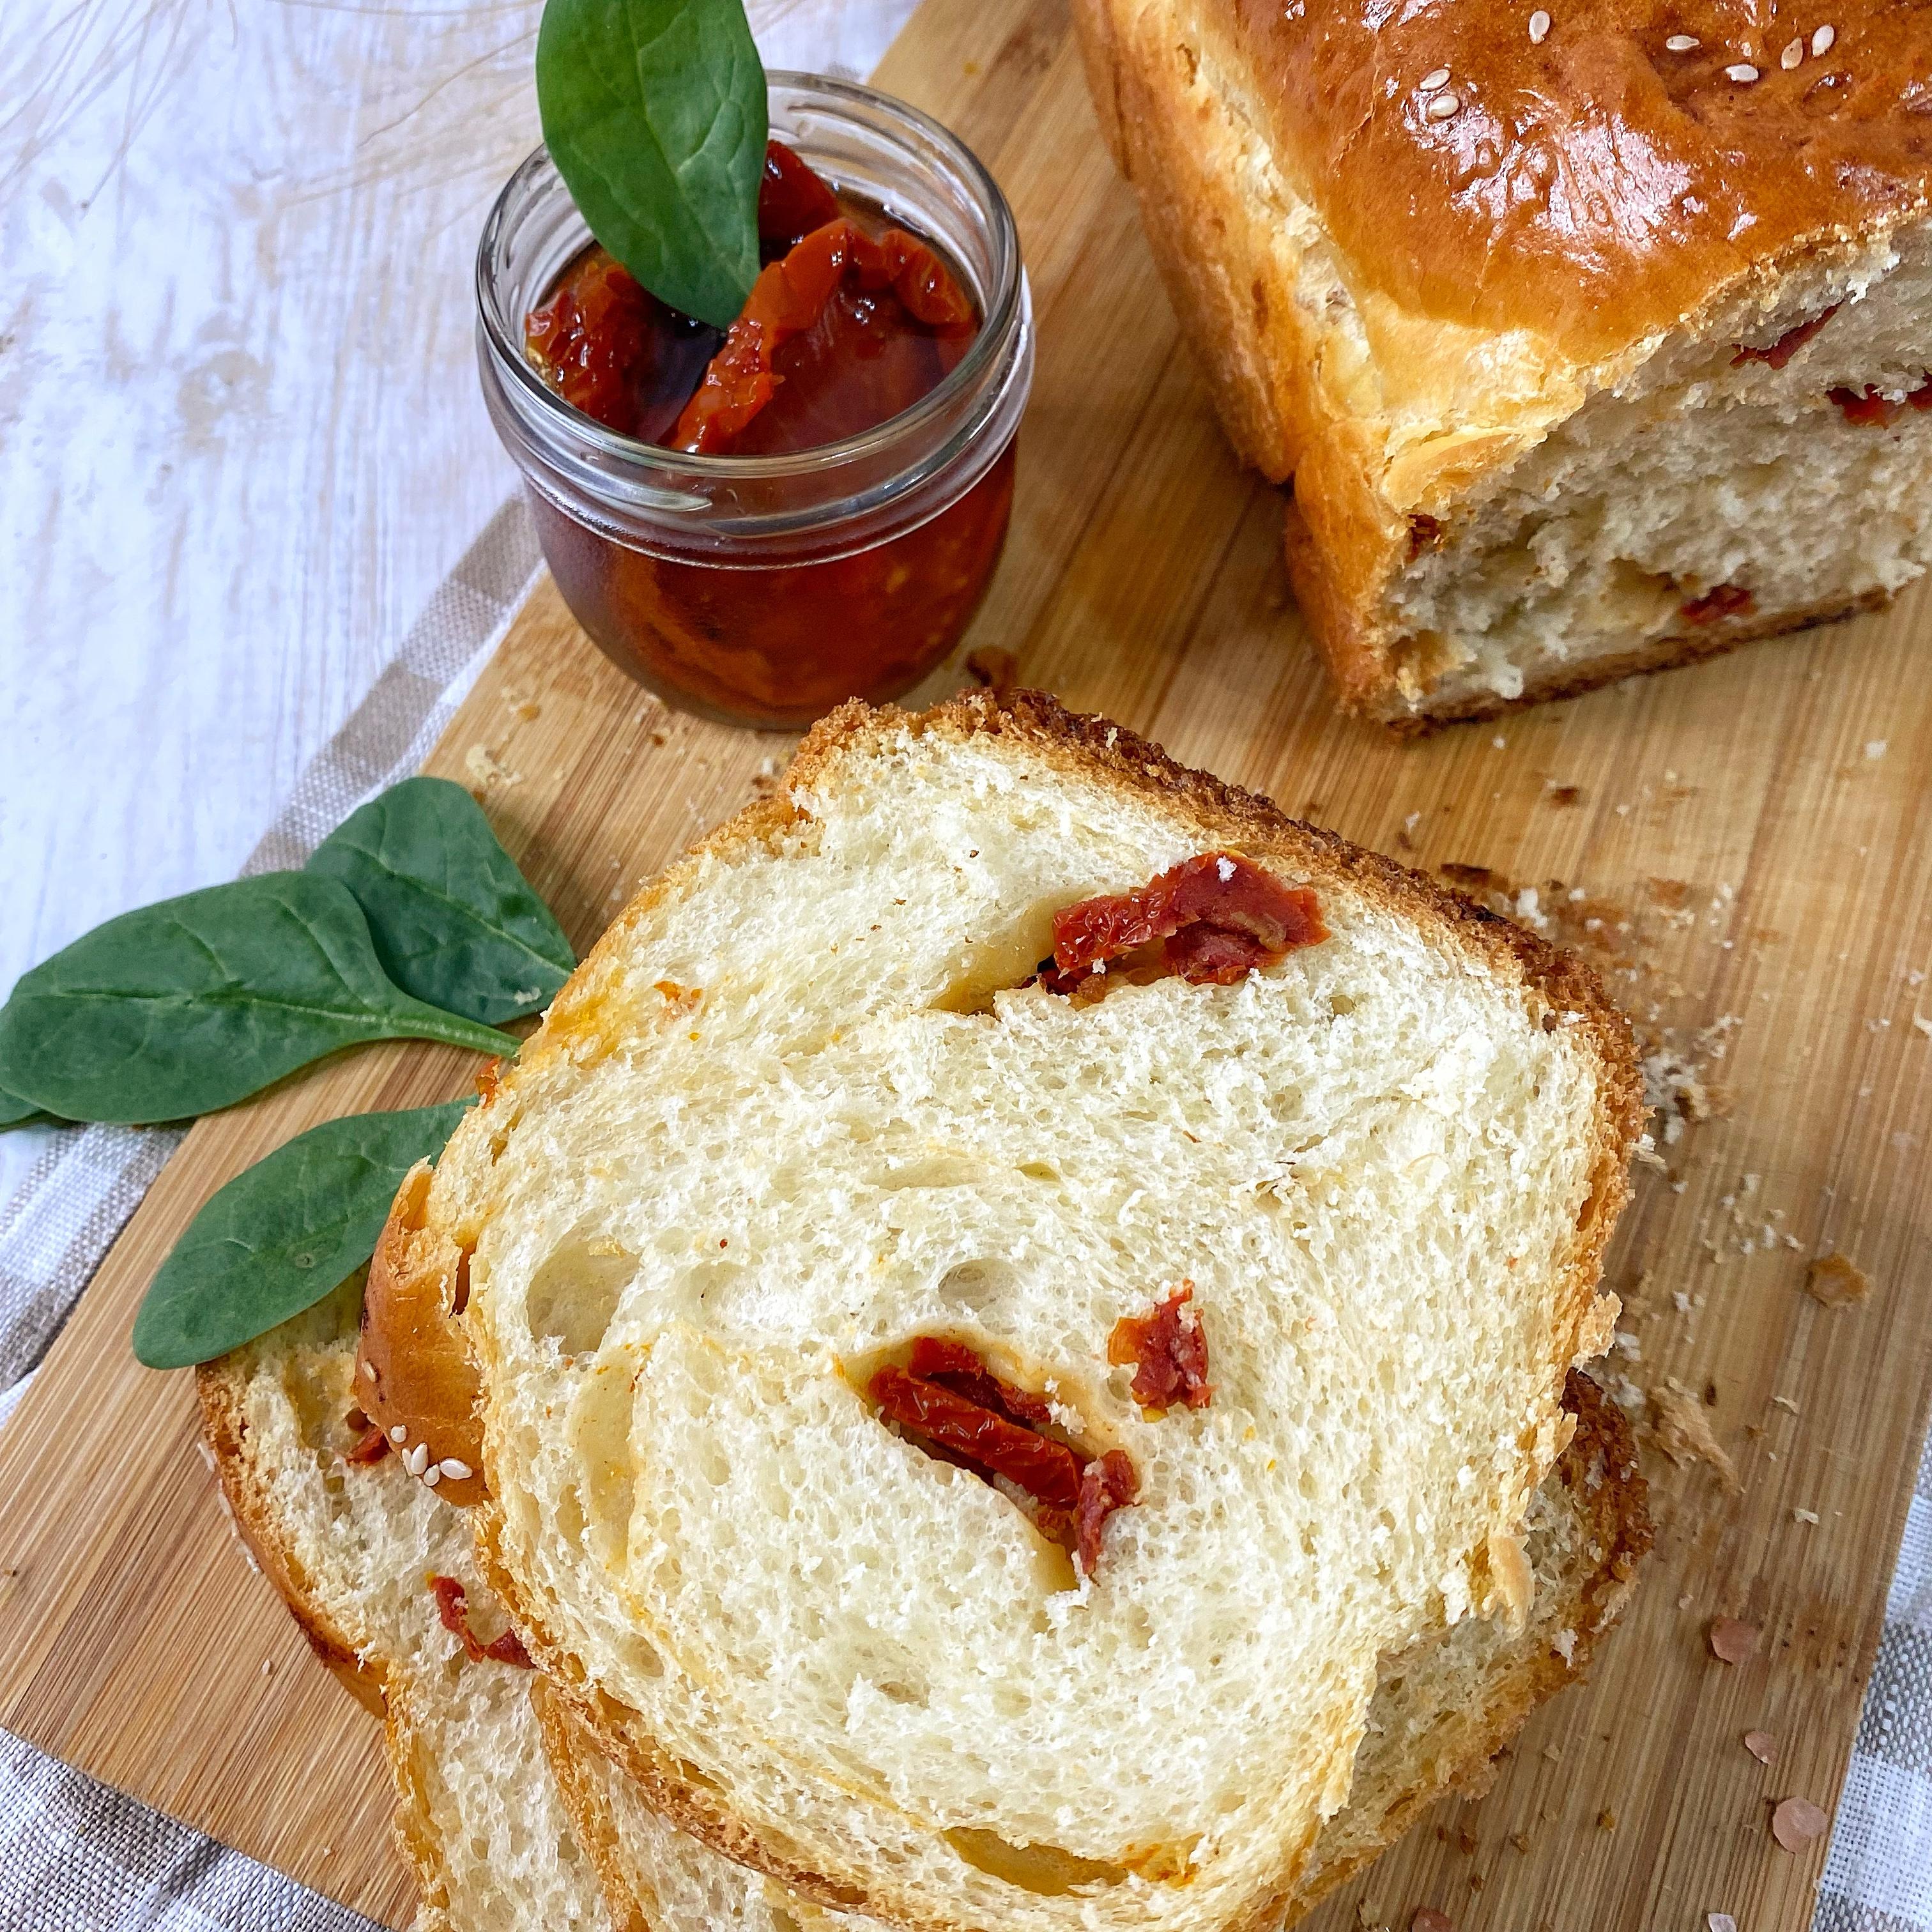 legkij-recept-hleba-10